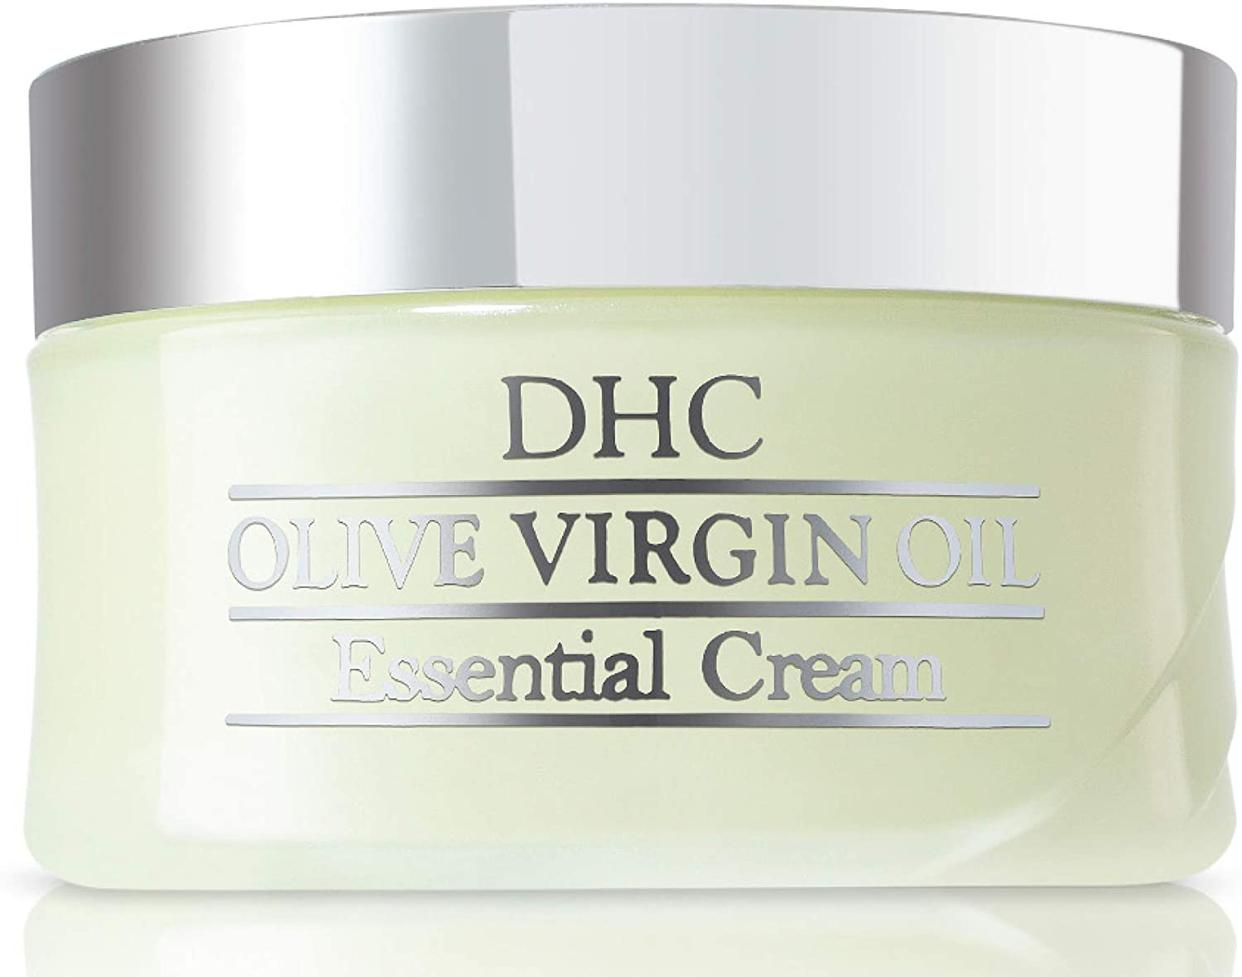 DHC(ディーエイチシー) オリーブバージンオイル エッセンシャルクリーム